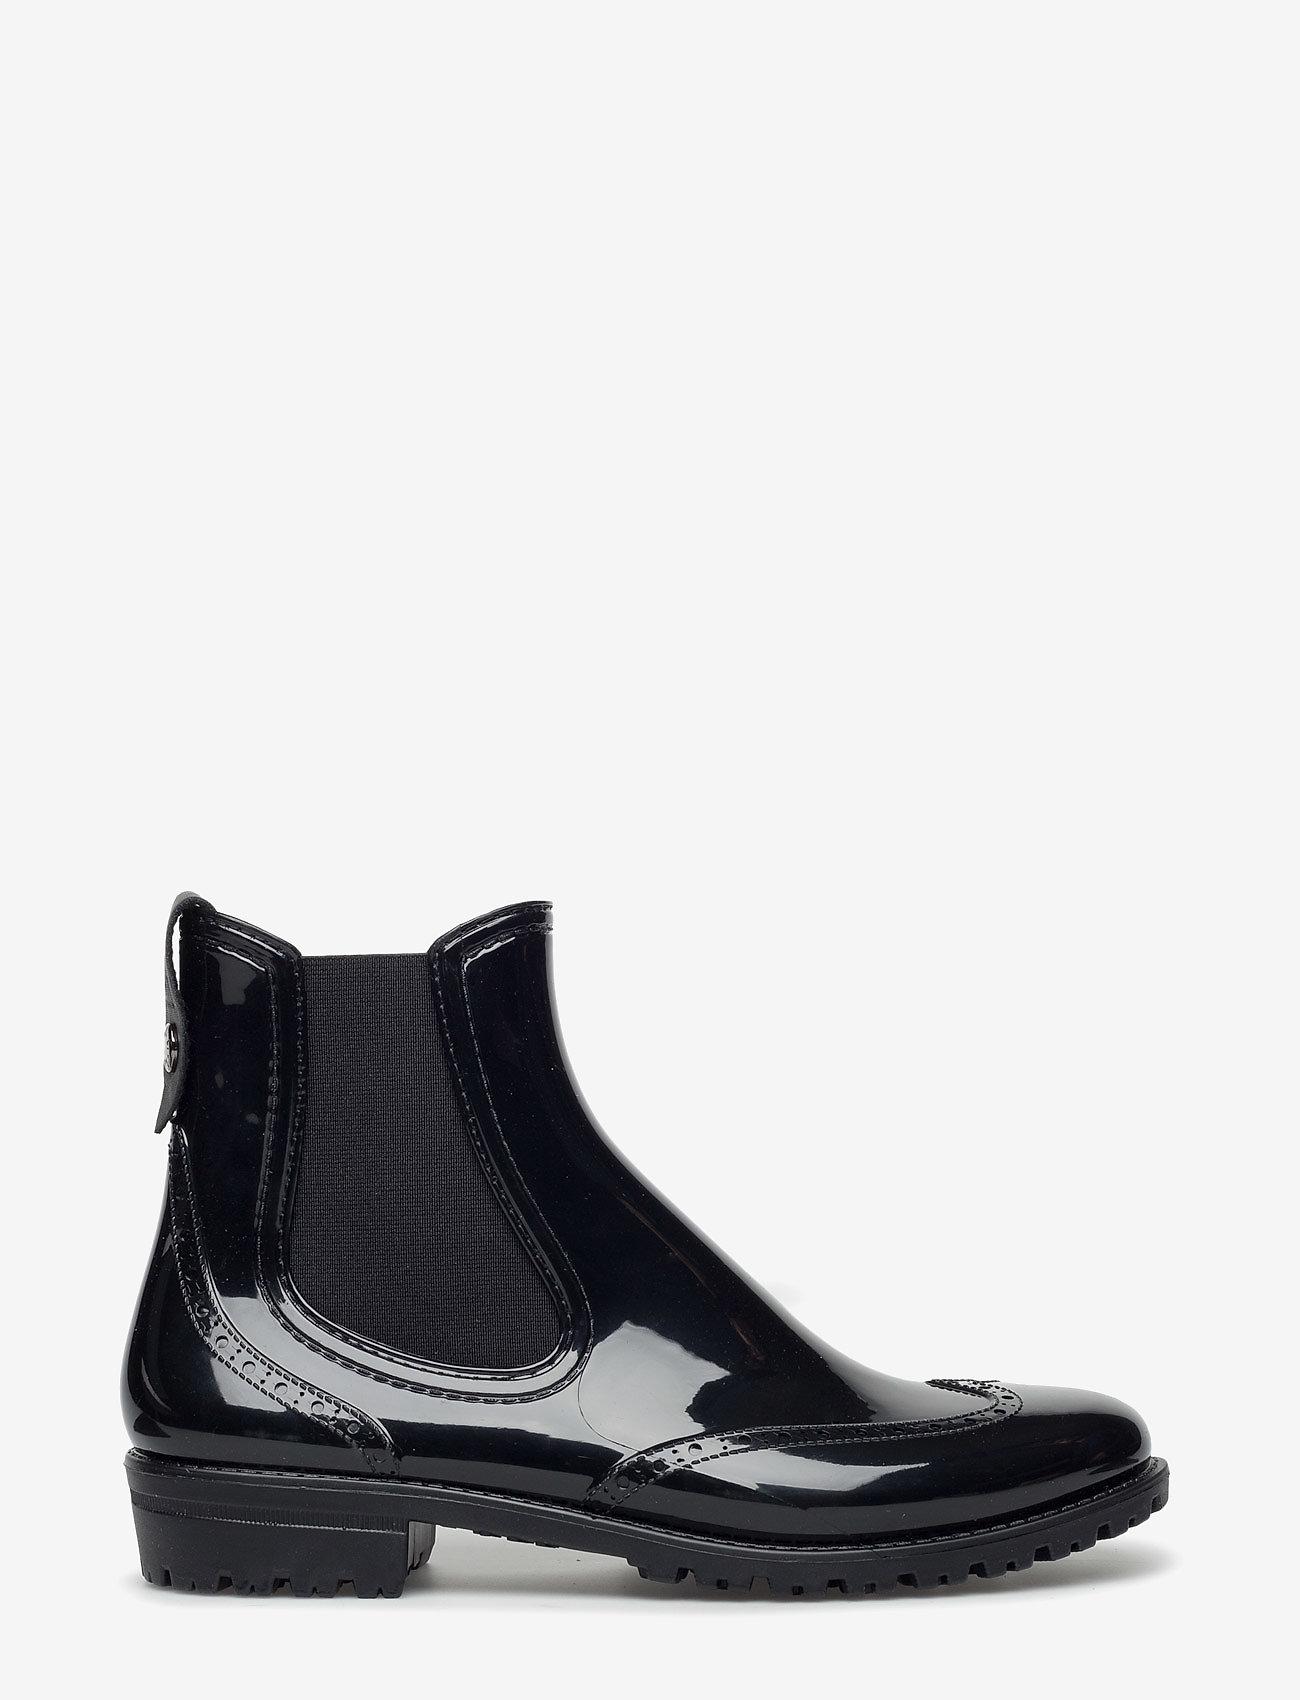 Rain Boots (Black Shiny 40) - Billi Bi U9zGyV